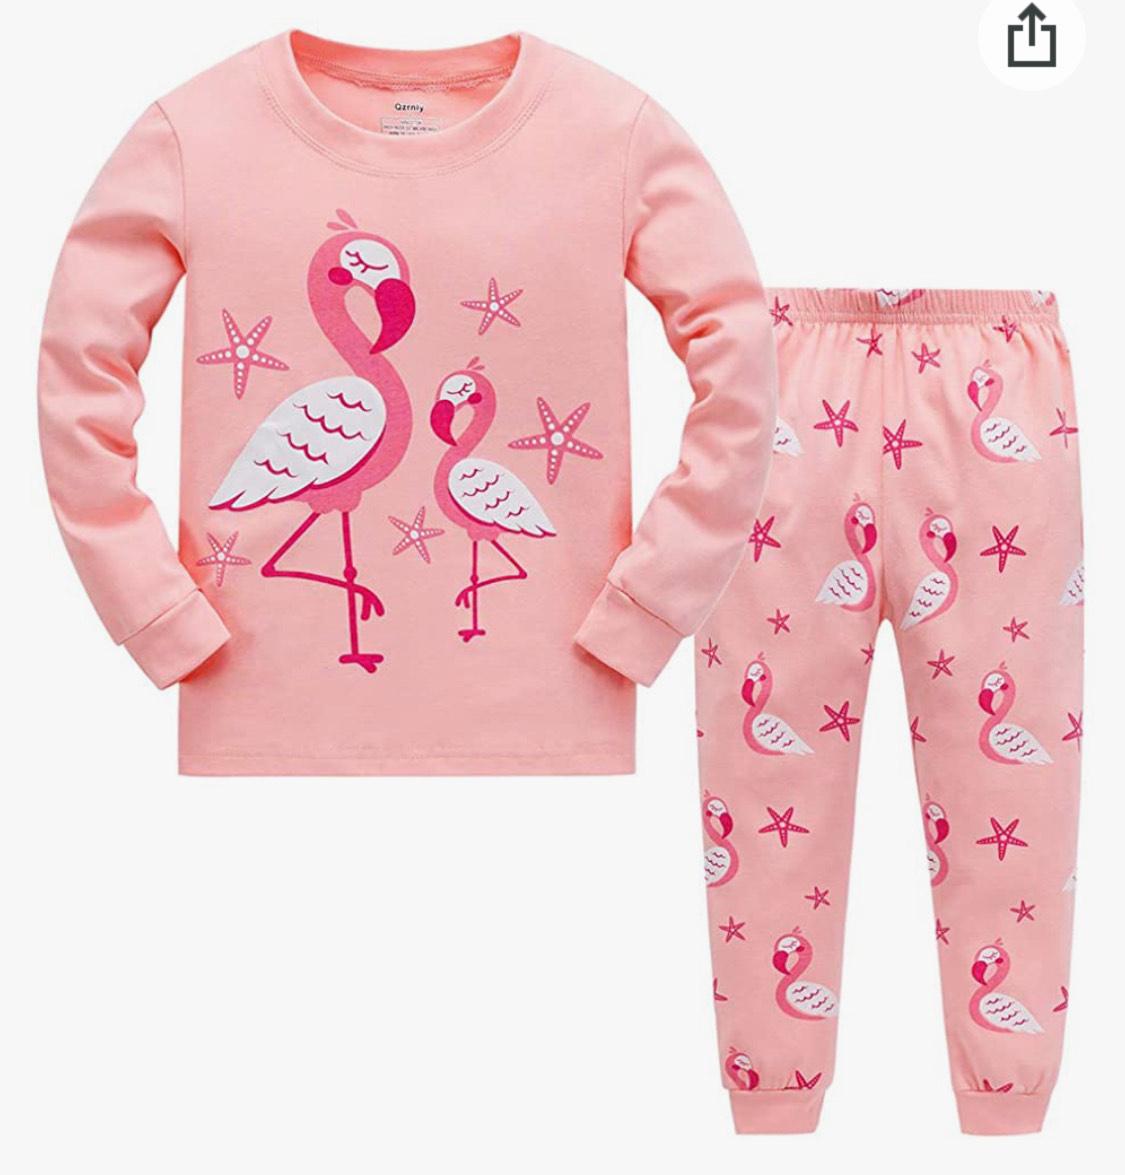 Pijama niña 2-3 años ¡Compra rápido!